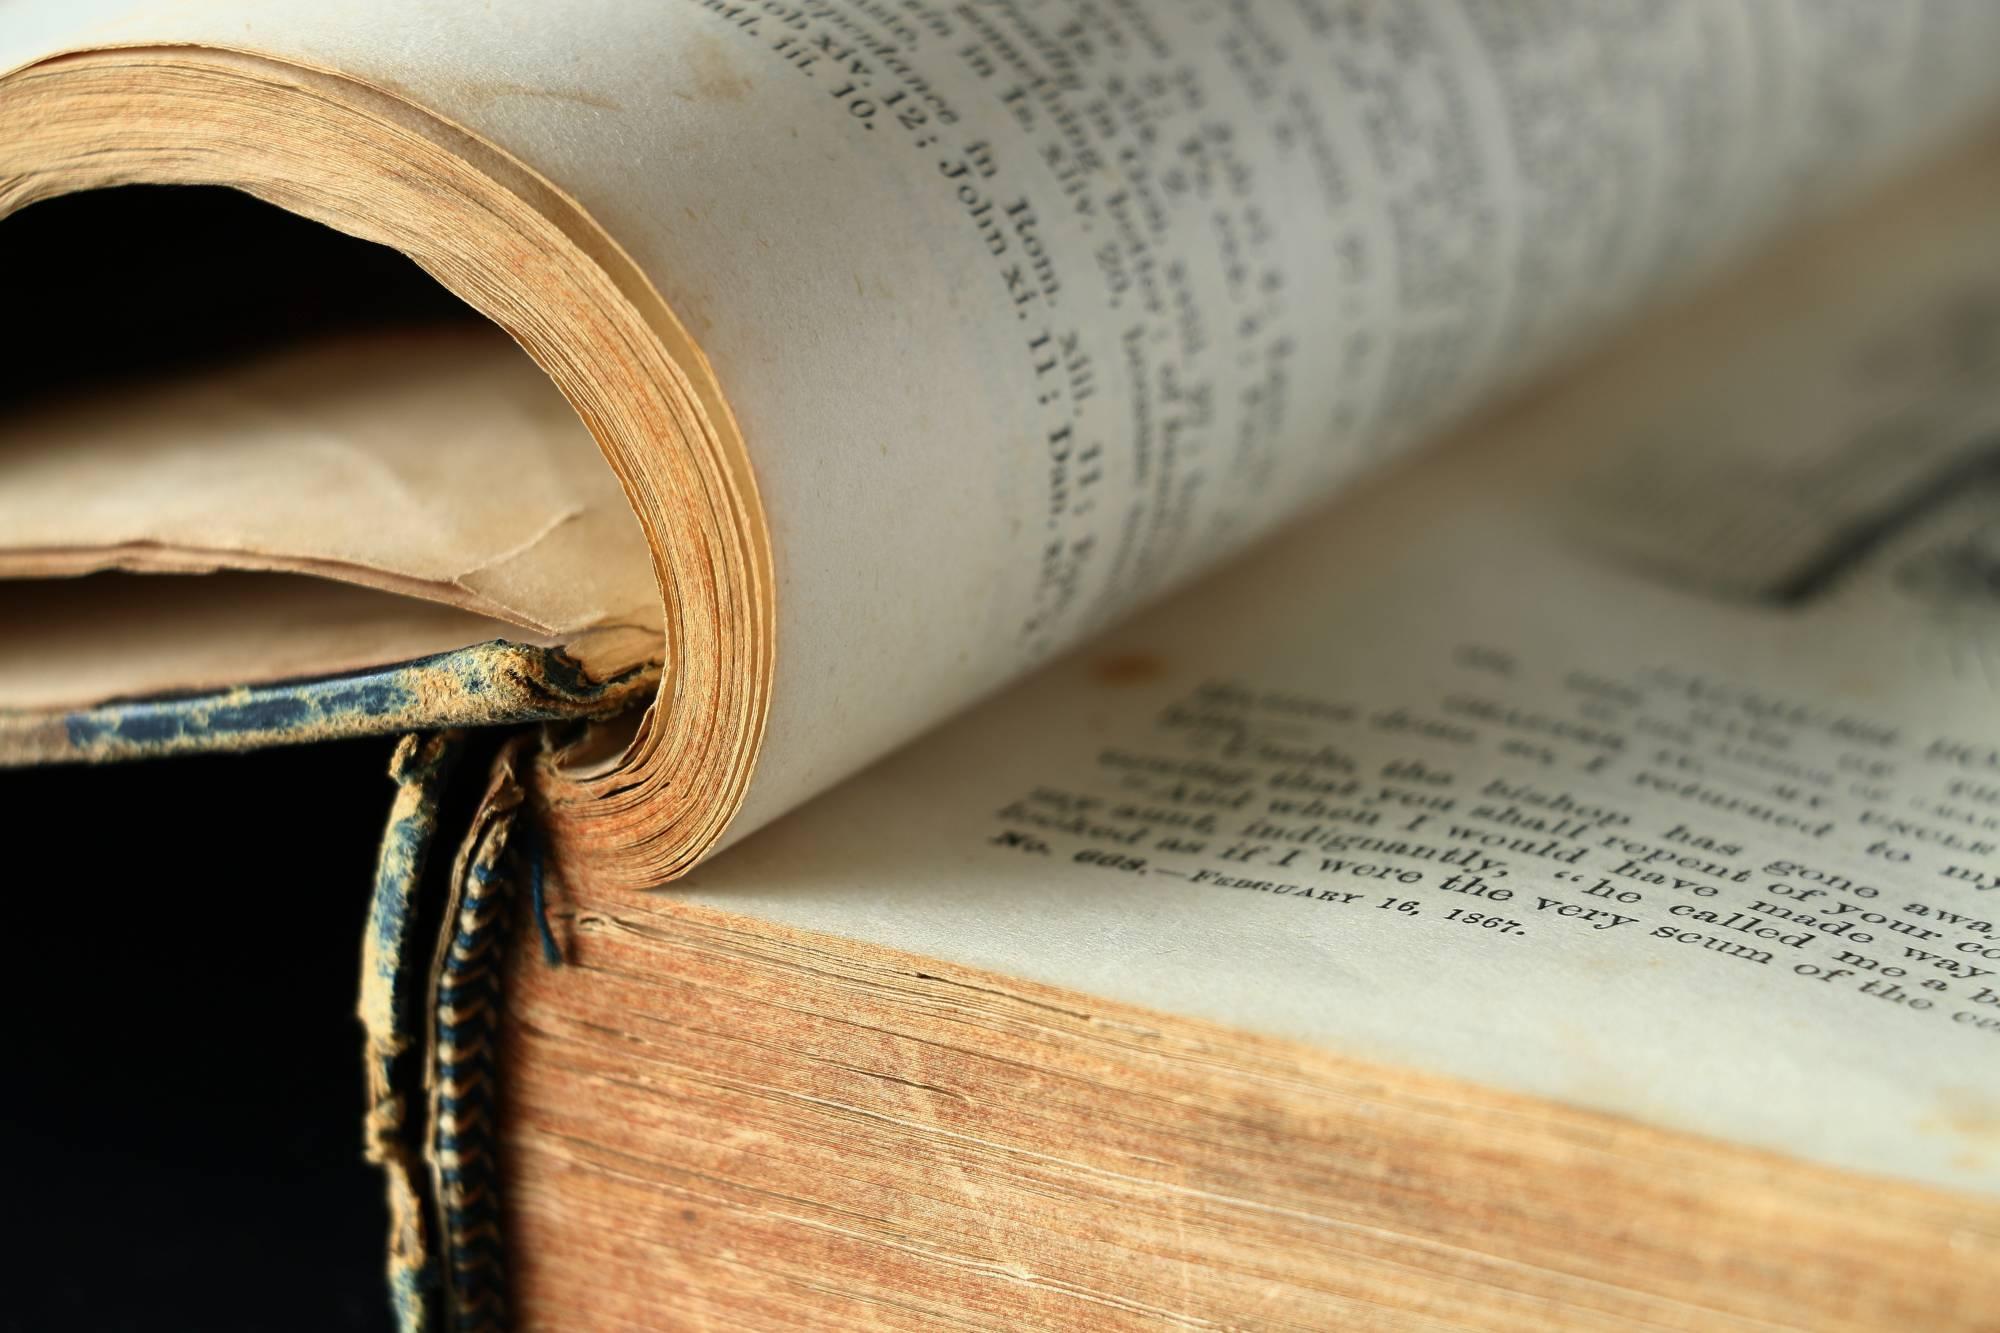 Close up of book binding